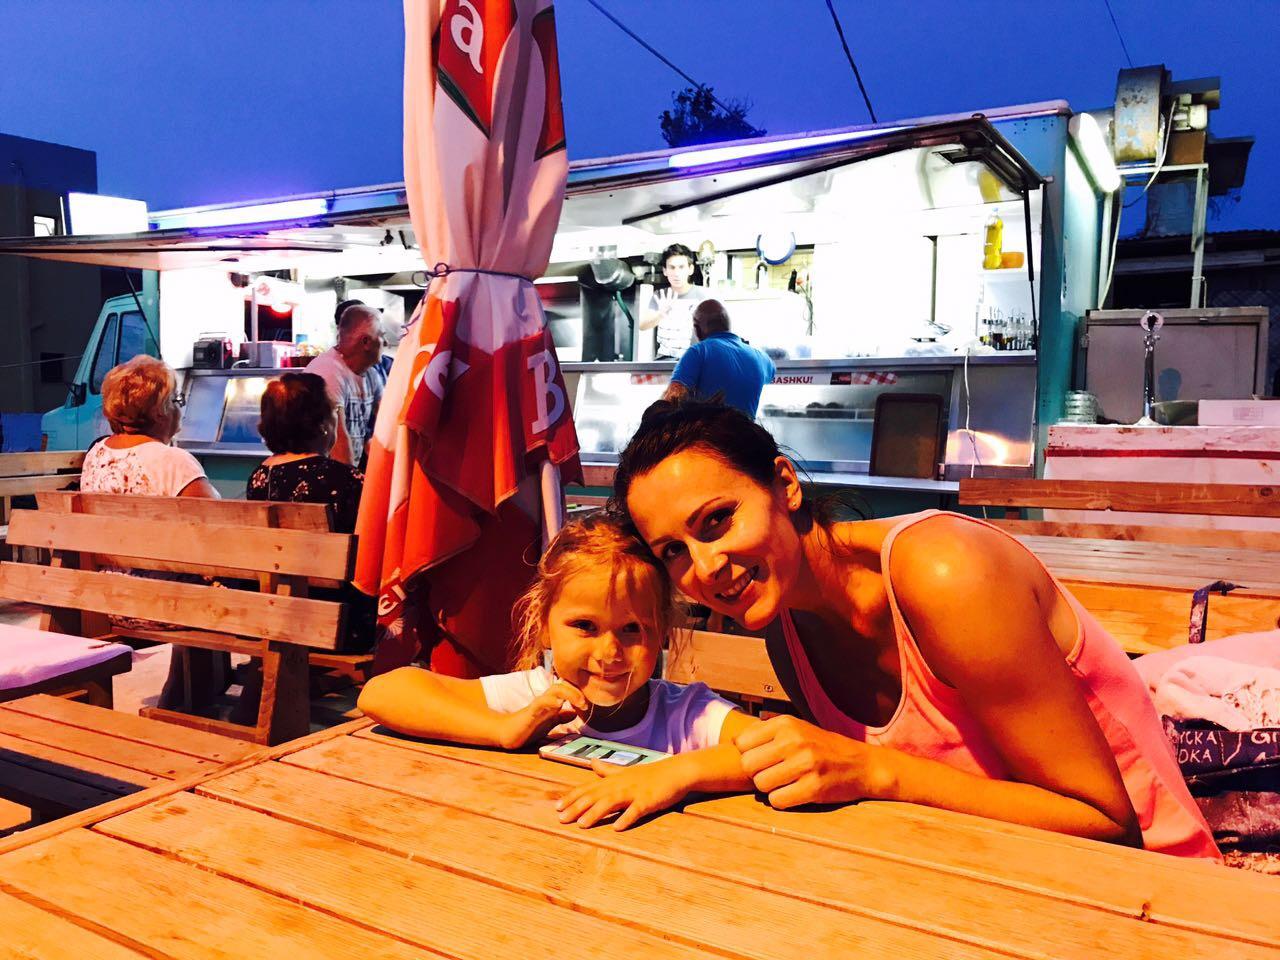 Mutter und Tochter am Tisch sitzend in einem Straßengrill in Ksamil, Albanien